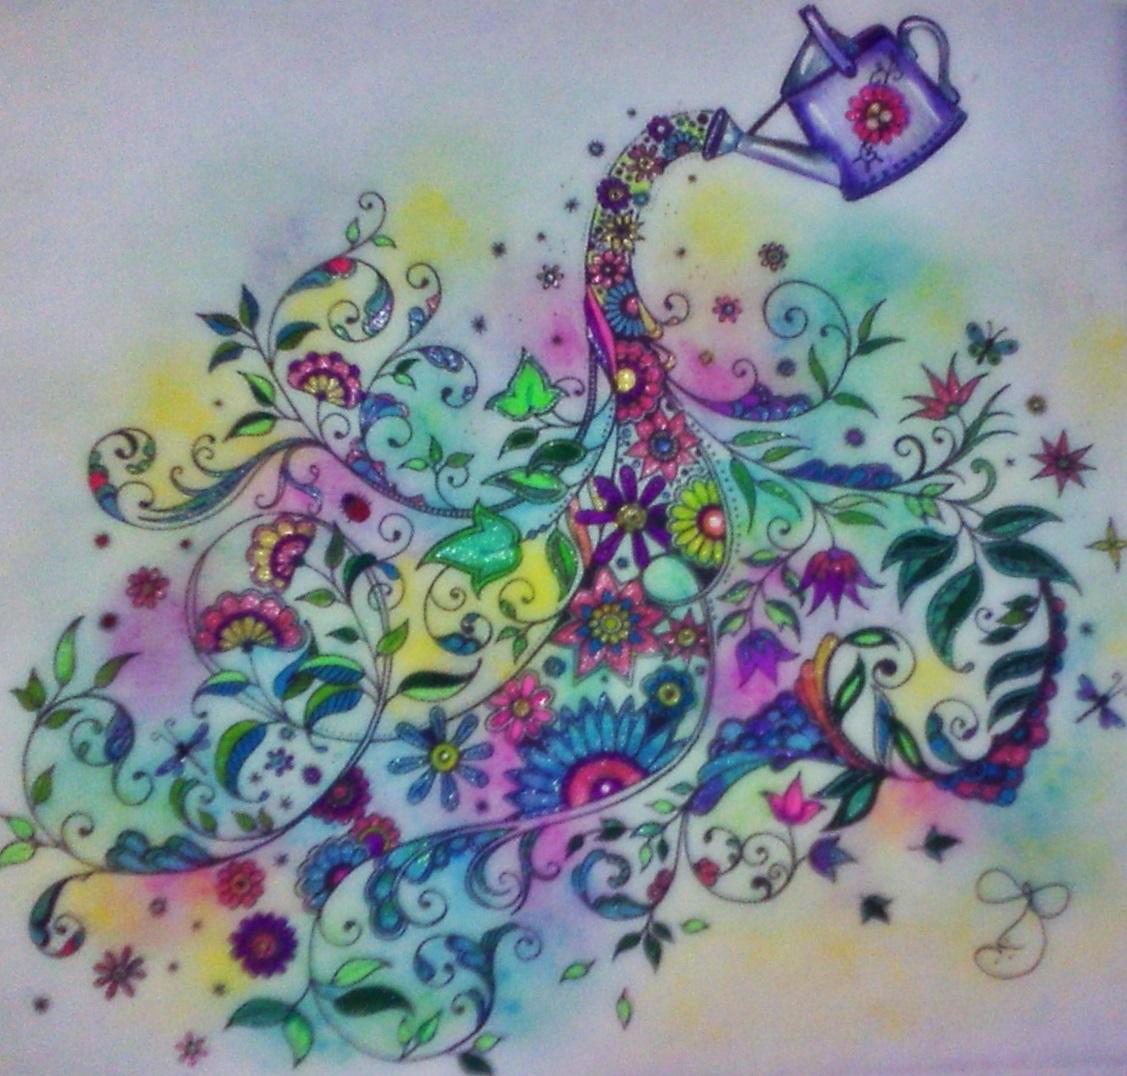 flores jardim secreto: passo, Riscos e muitas dicas.: Livro Jardim Secreto para colorir